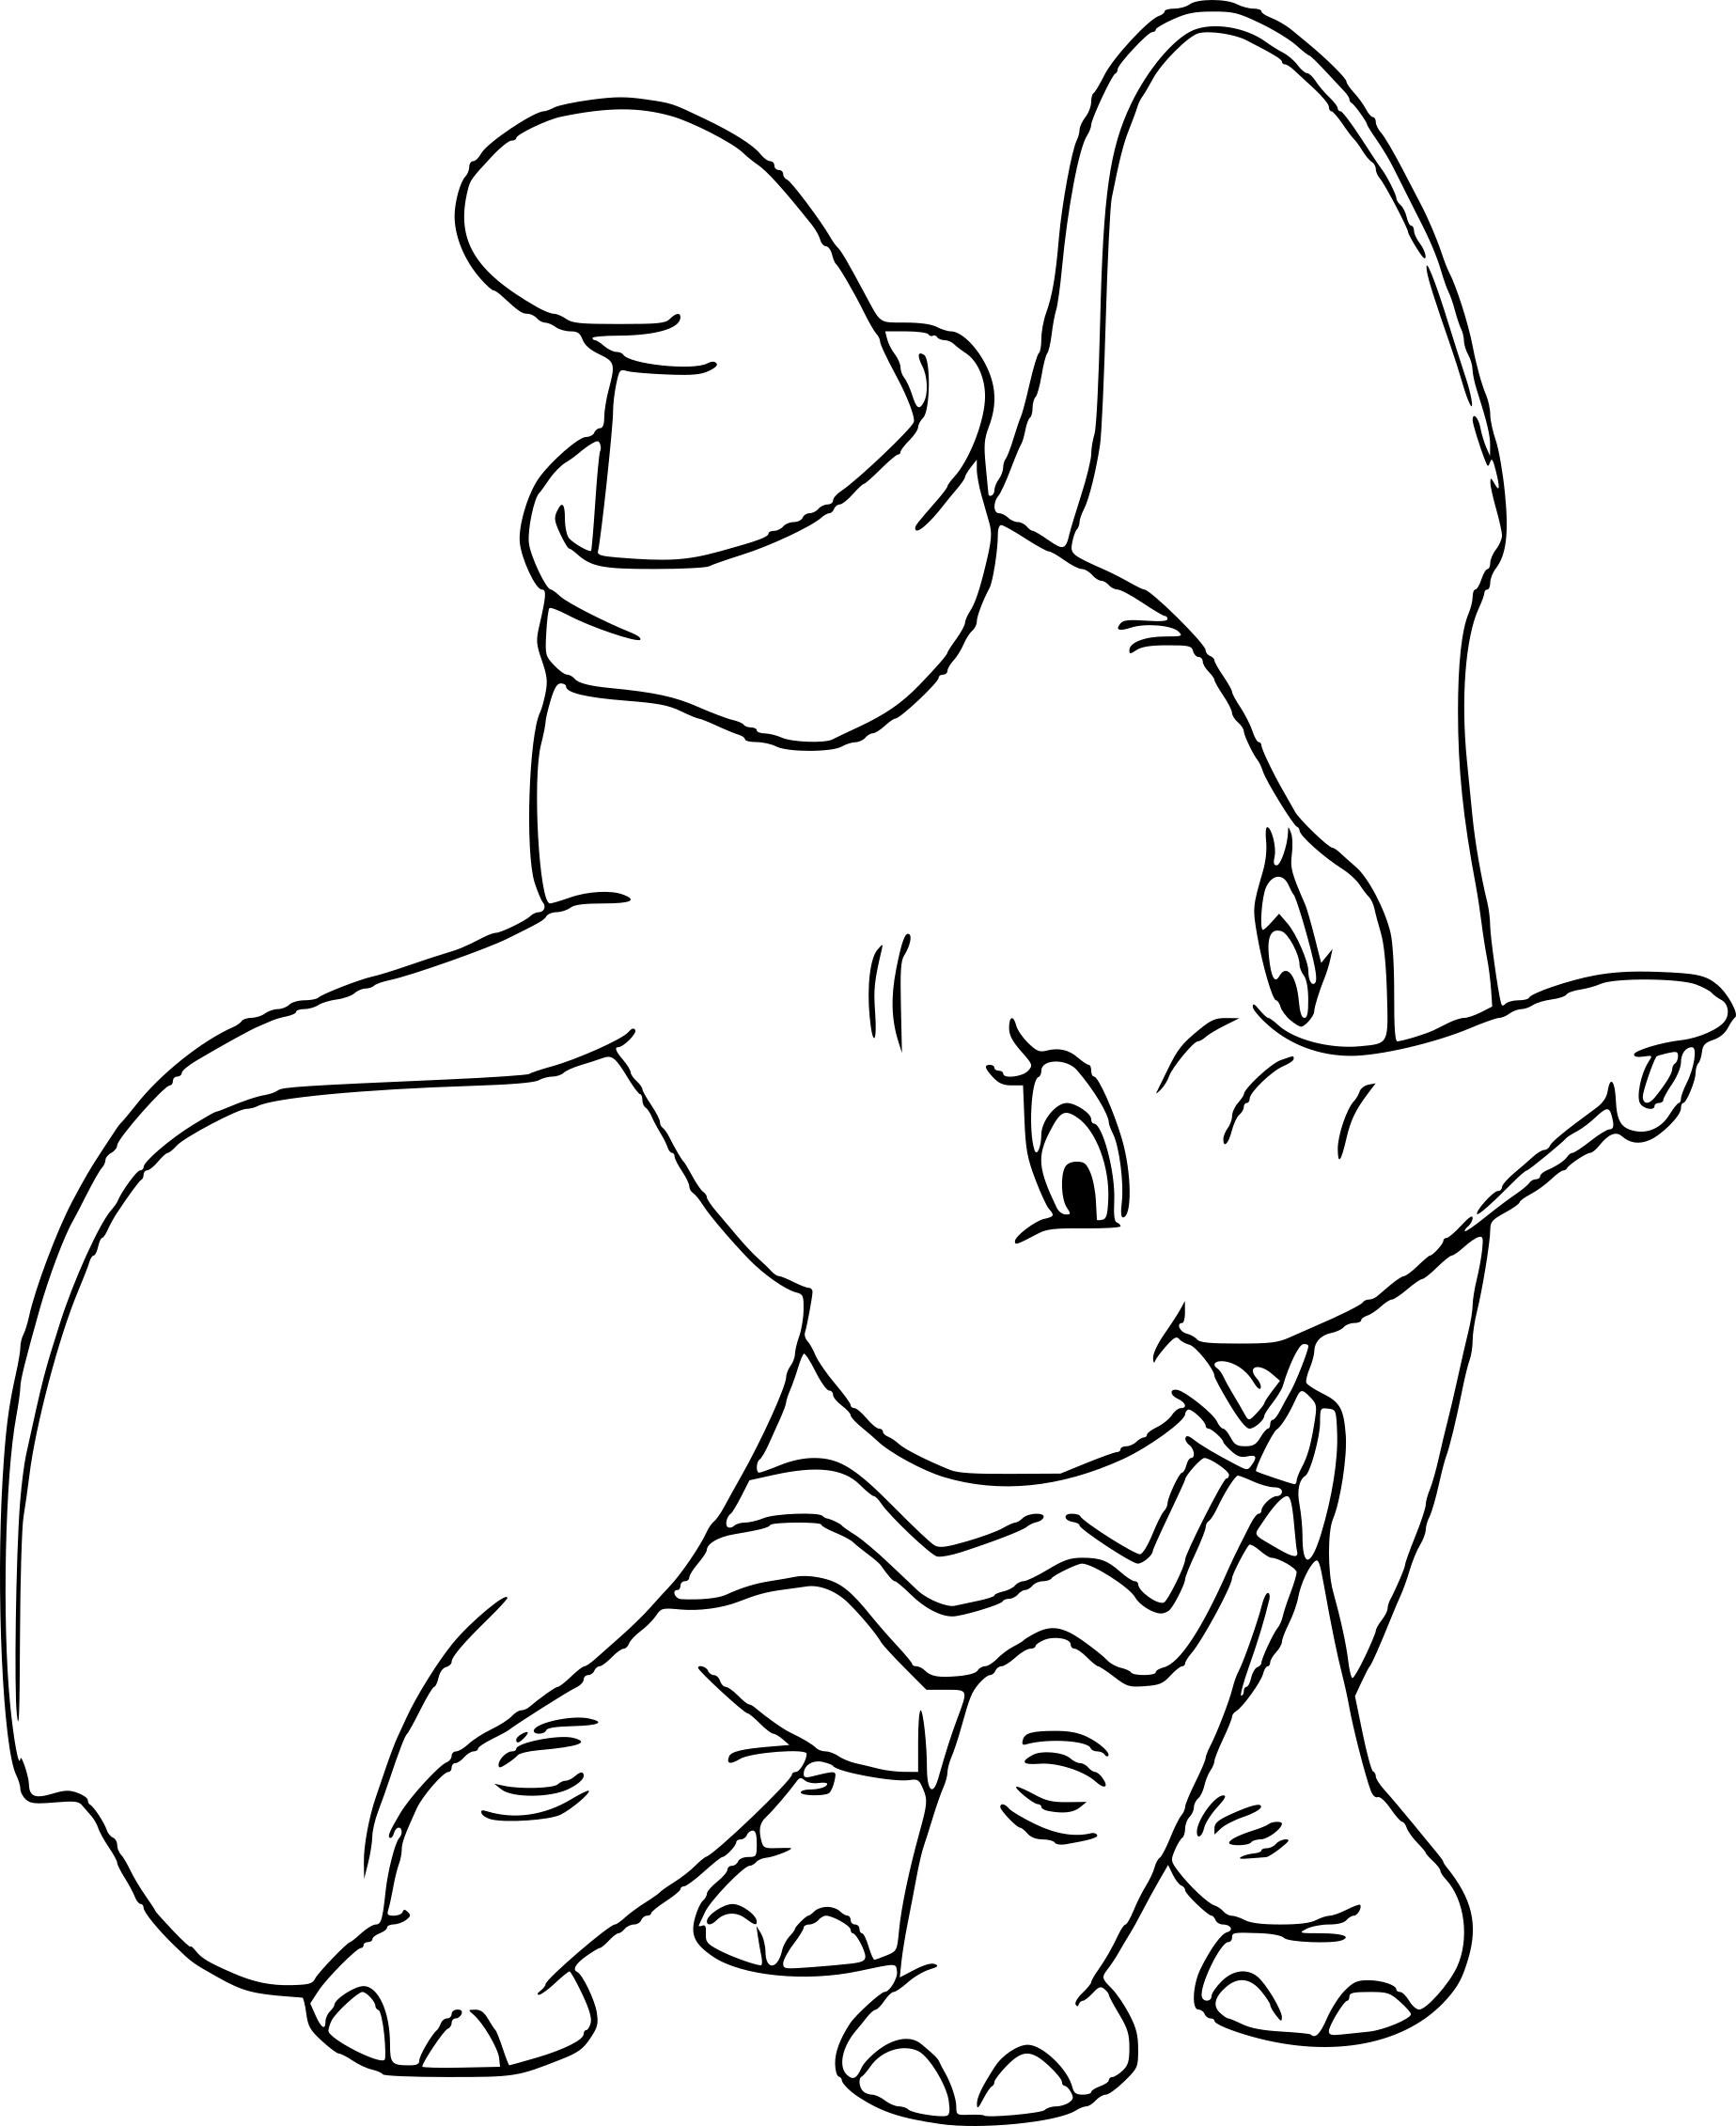 Coloriage Dumbo Disney À Imprimer Sur Coloriages à Dessin Dumbo